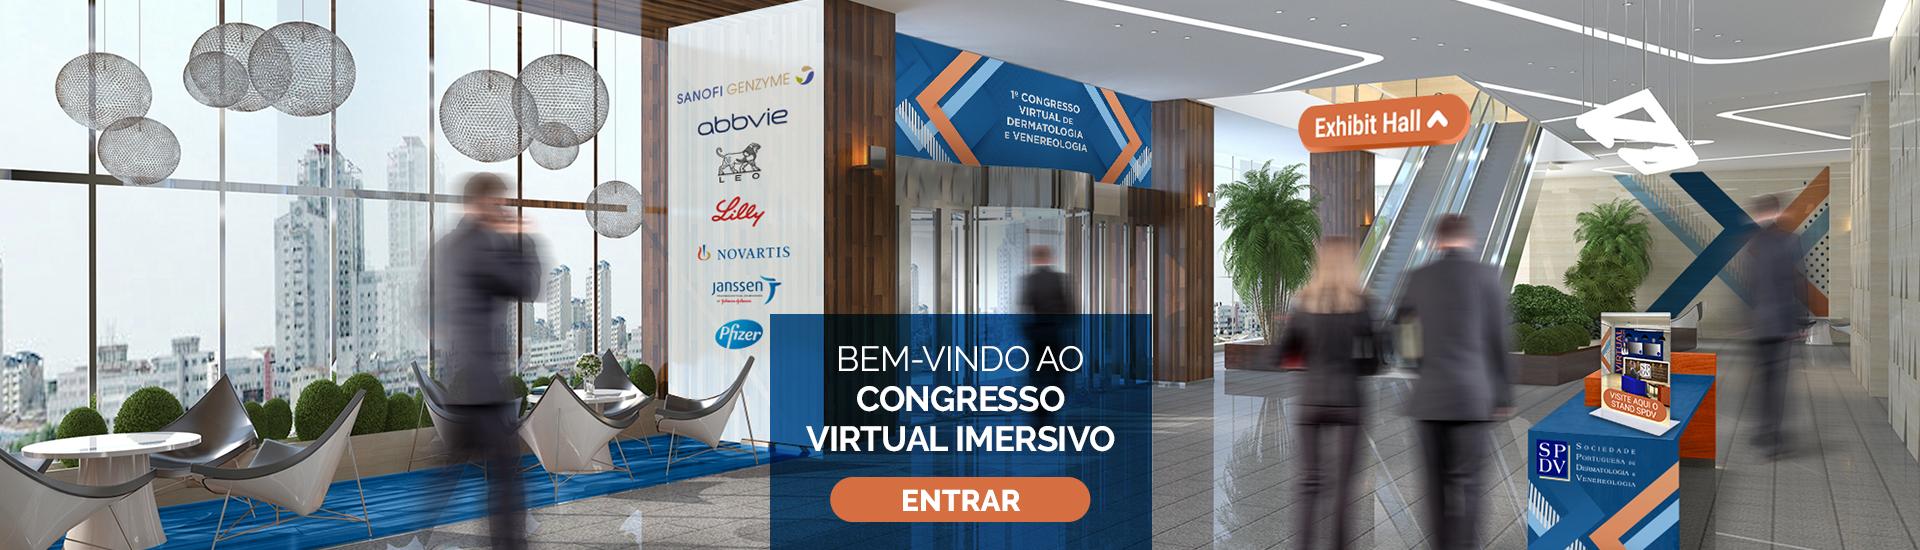 Entrada no Congresso Virtual